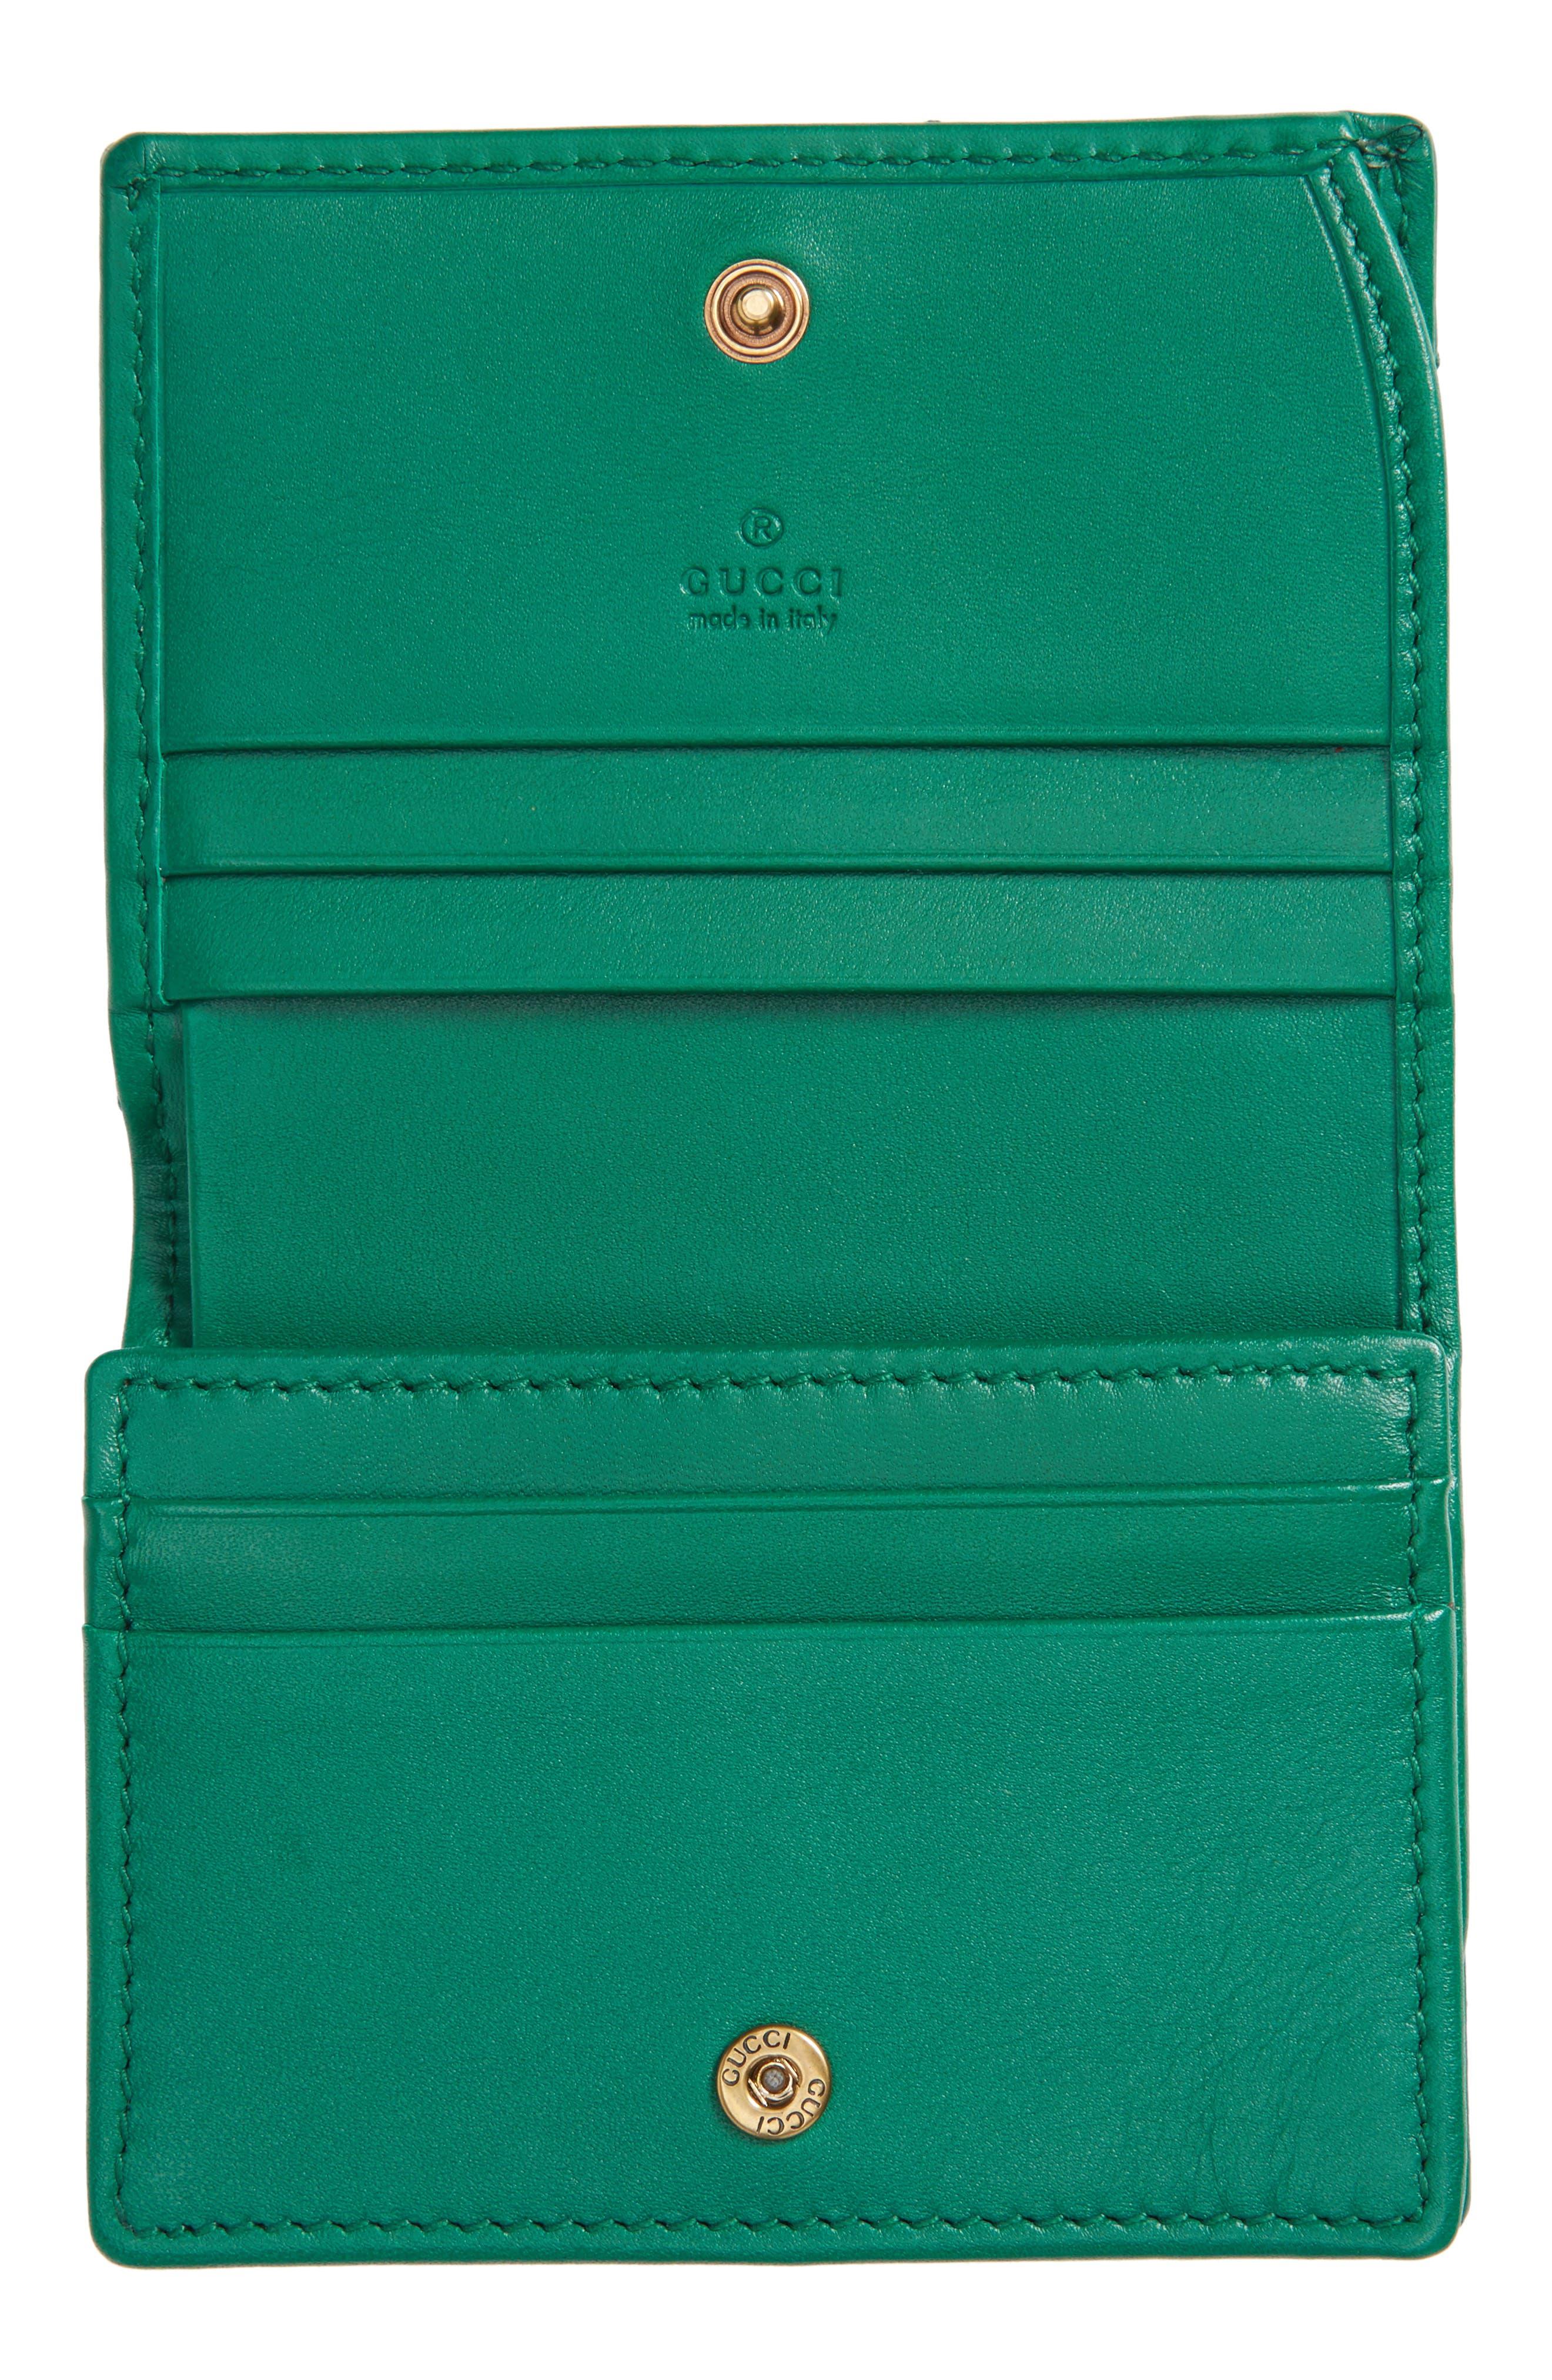 GG Marmont Matelassé Leather Card Case,                             Alternate thumbnail 2, color,                             302